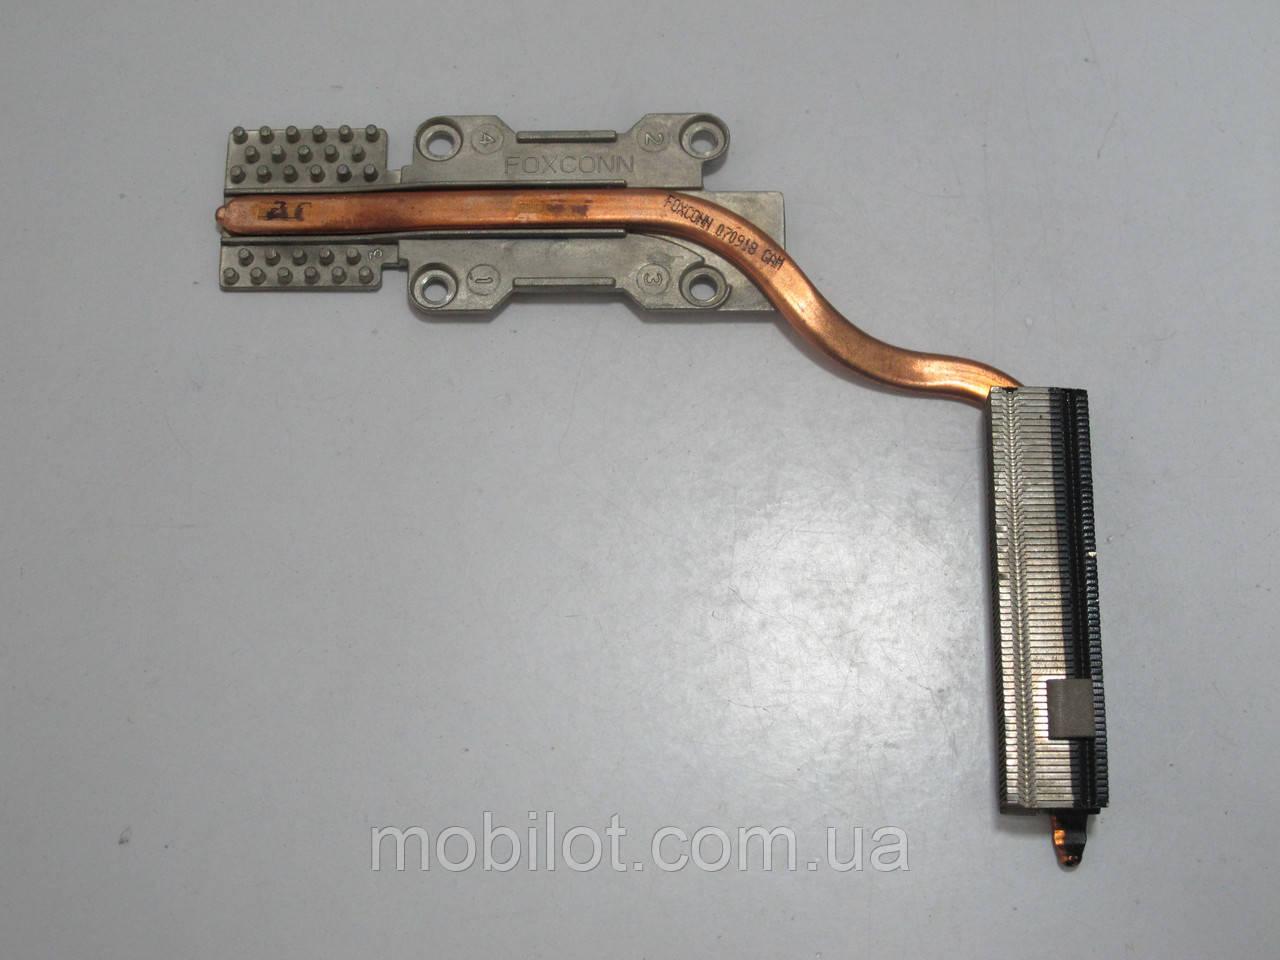 Система охлаждения Acer 7720 / 5720 (NZ-7225)